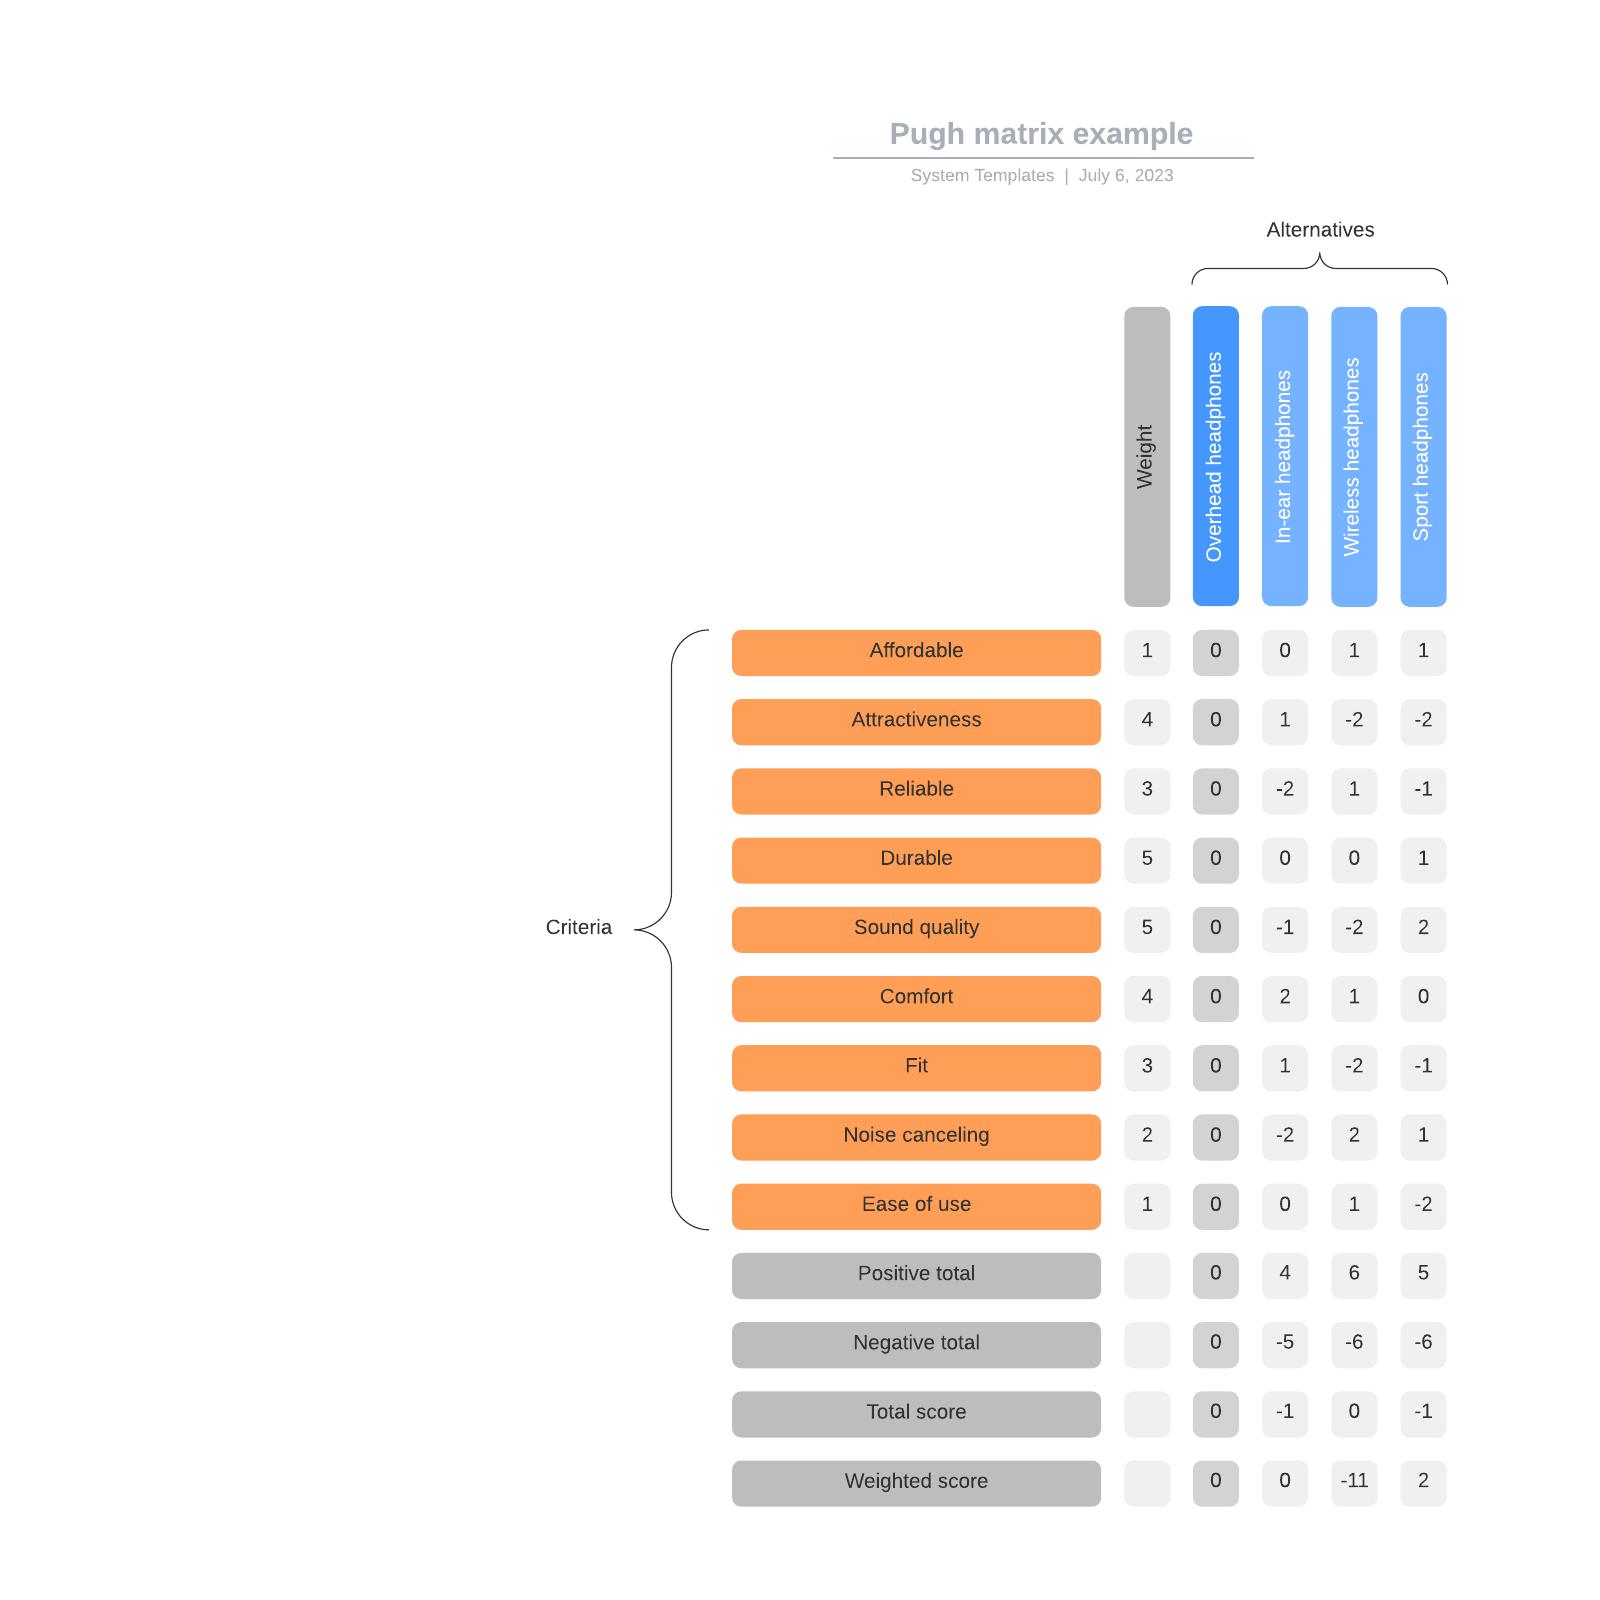 Pugh matrix example